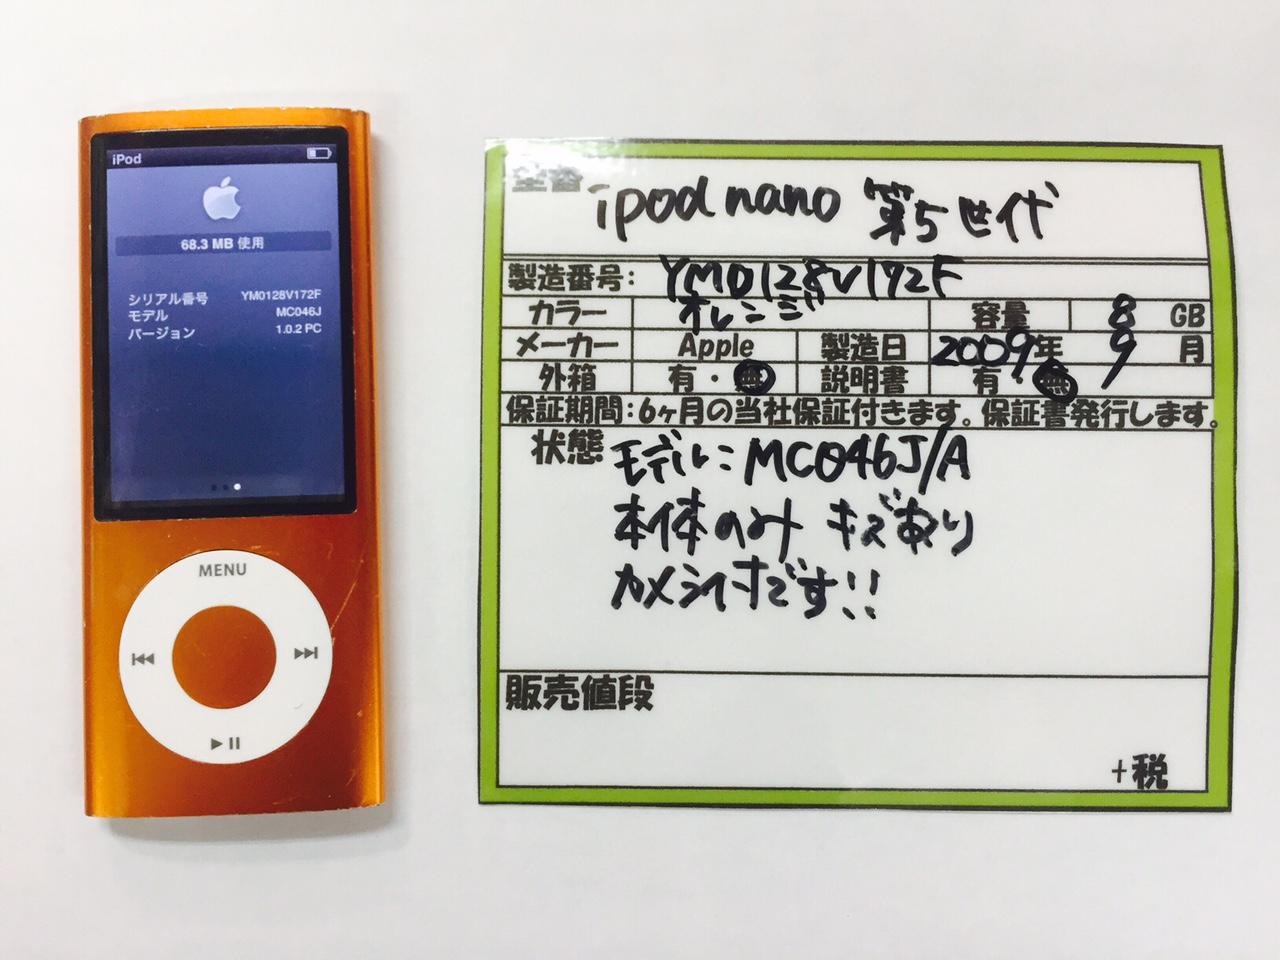 iPod nano 第5世代 MC046J